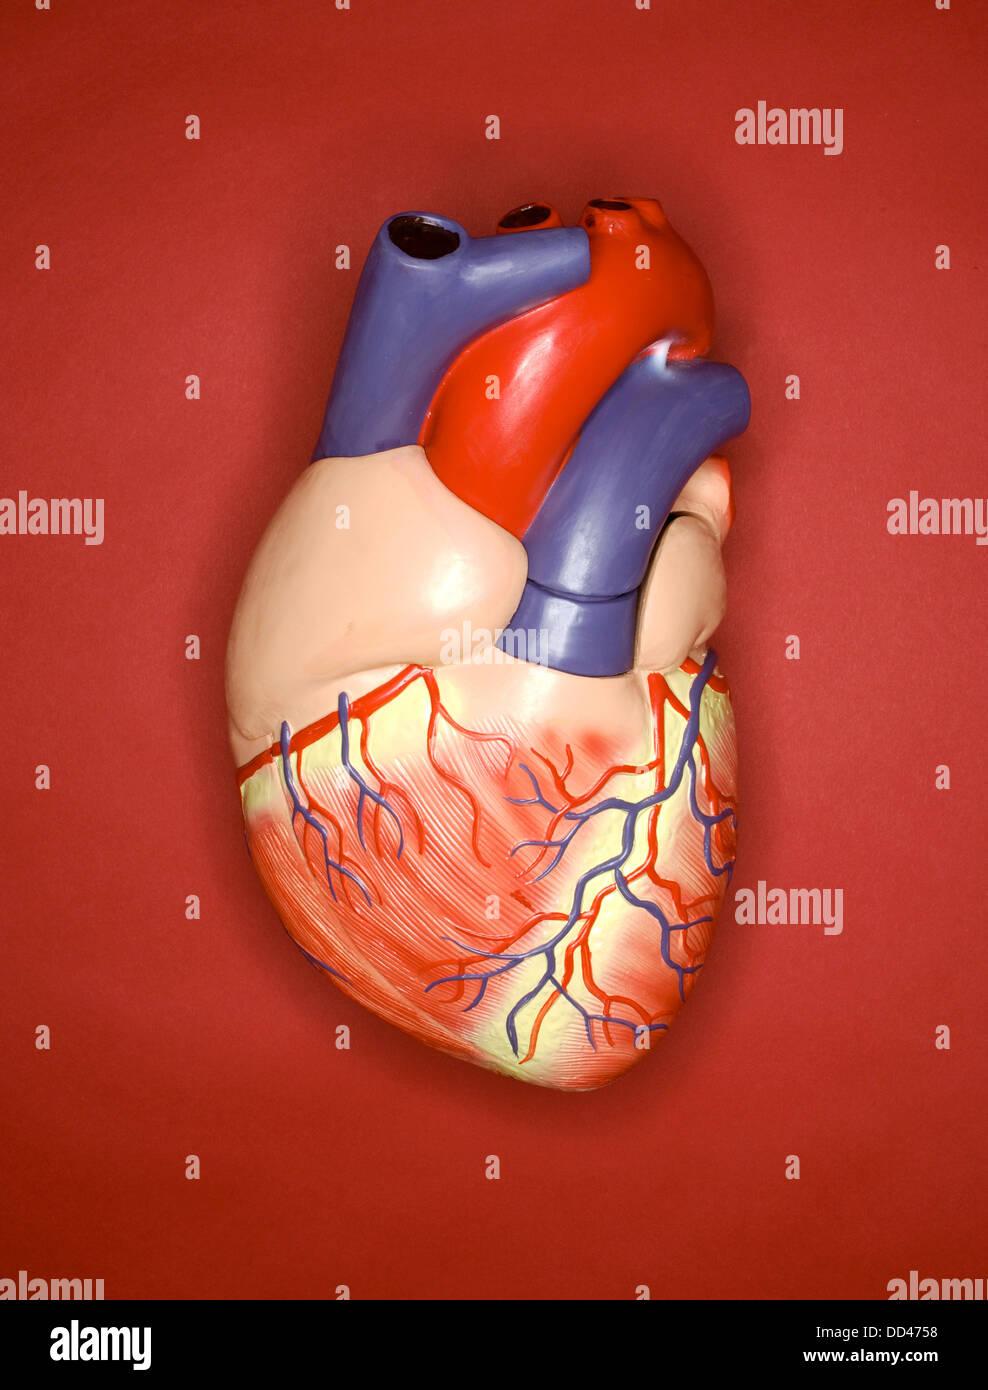 Un modello di plastica del cuore umano su uno sfondo rosso Immagini Stock